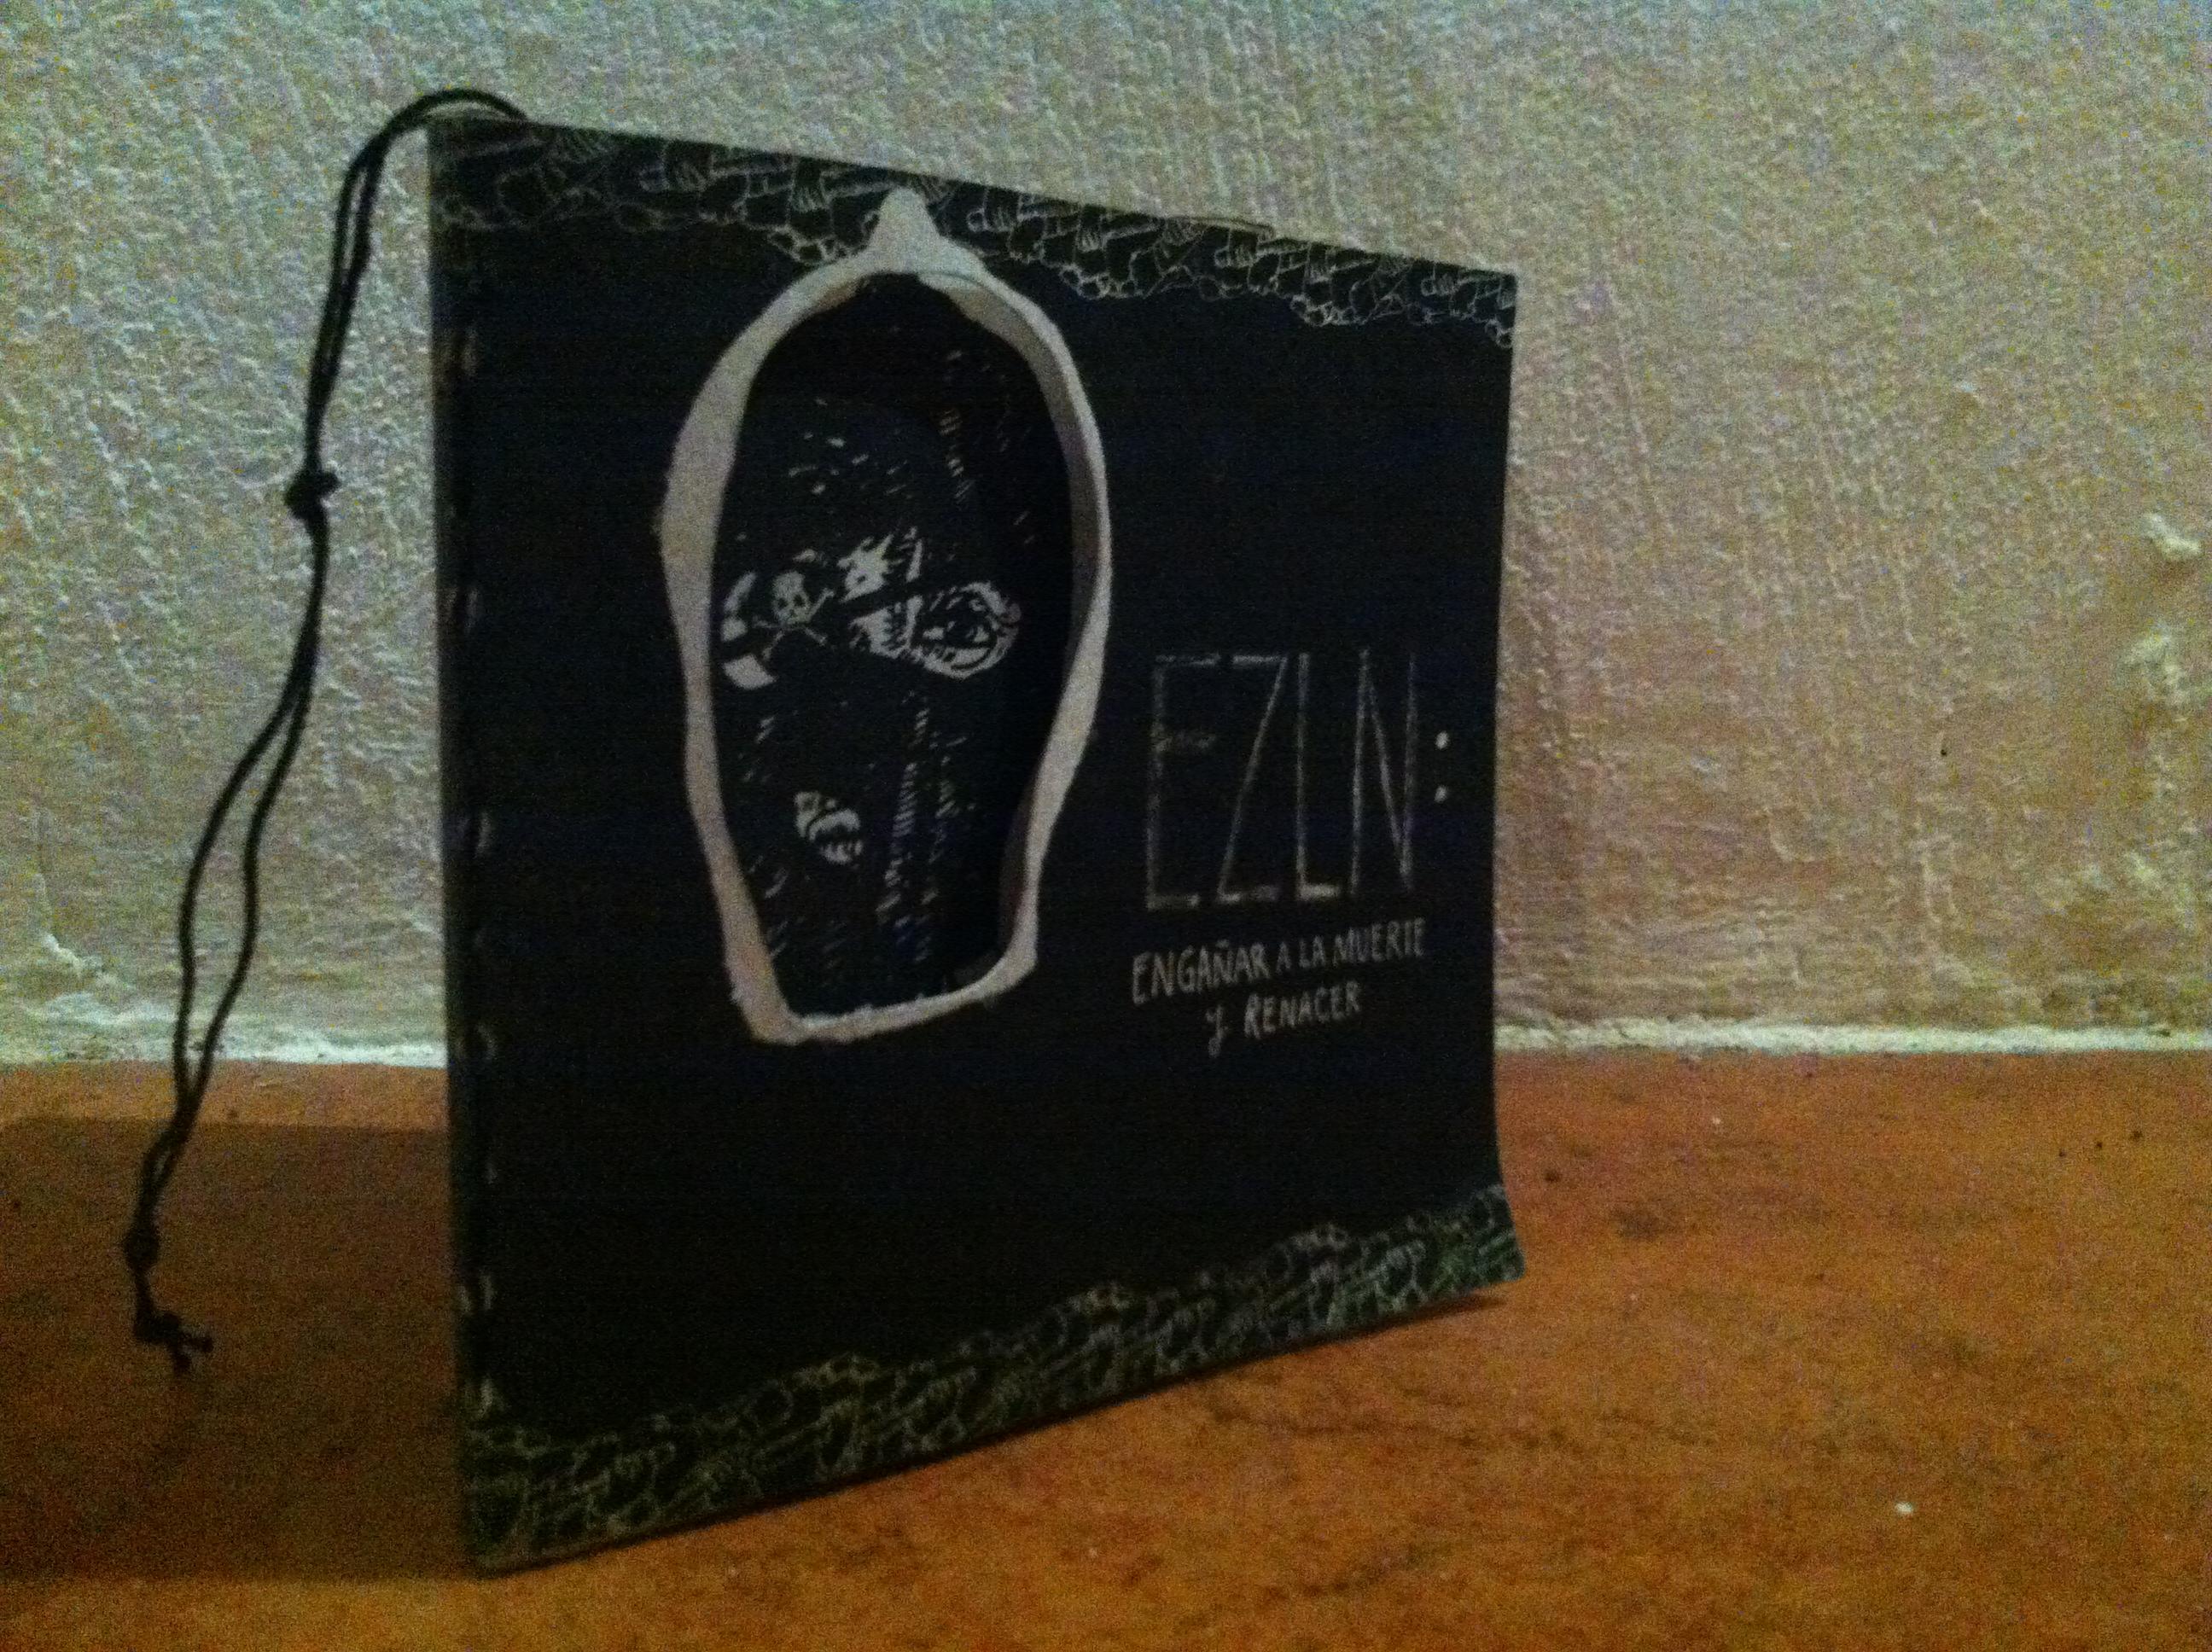 [Impresos] <br>EZLN: engañar a la muerte y renacer